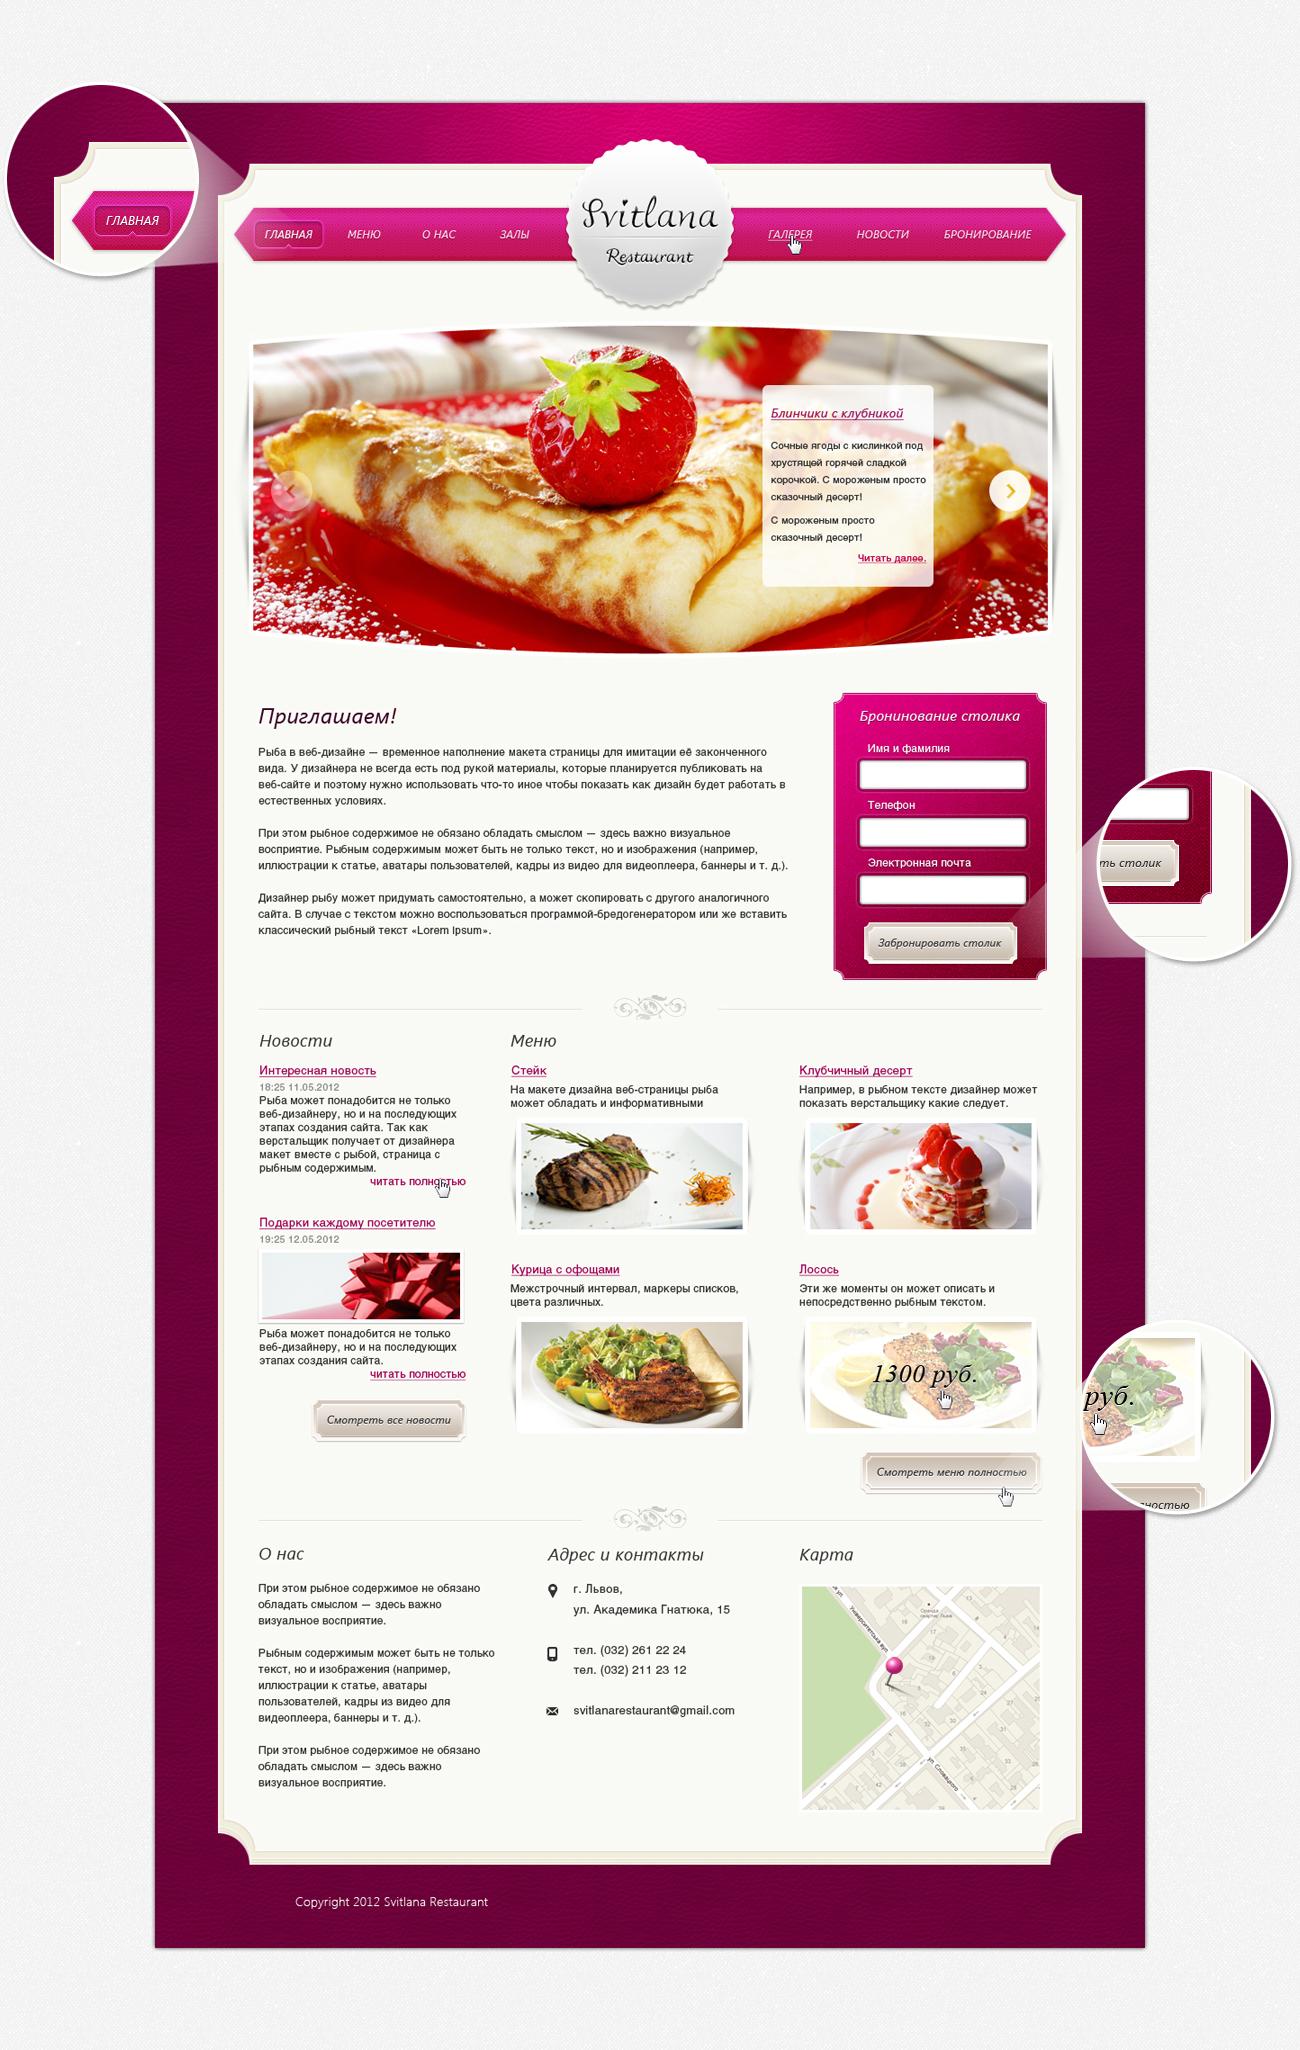 Дизайн сайта для ресторана. (Продается)